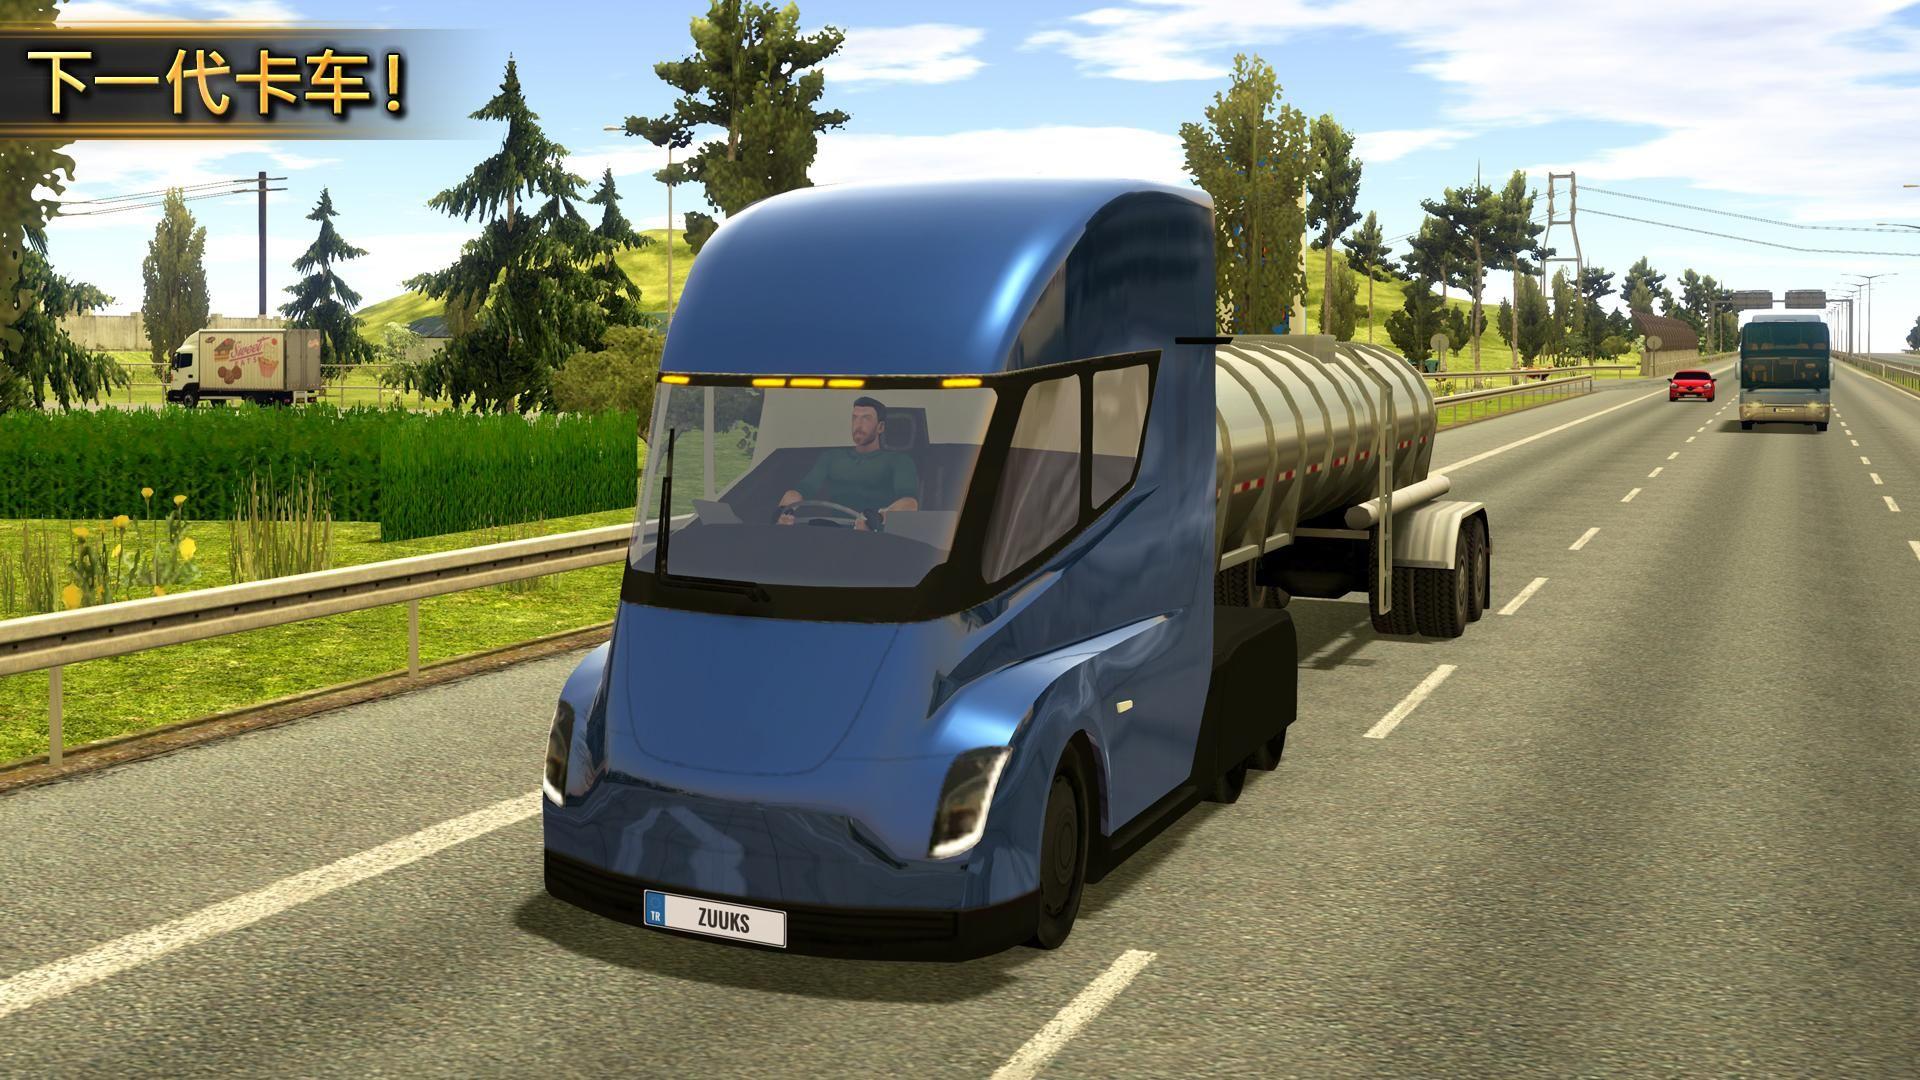 卡车模拟器2018年 - Truck Simulator 2018 : Europe 游戏截图5